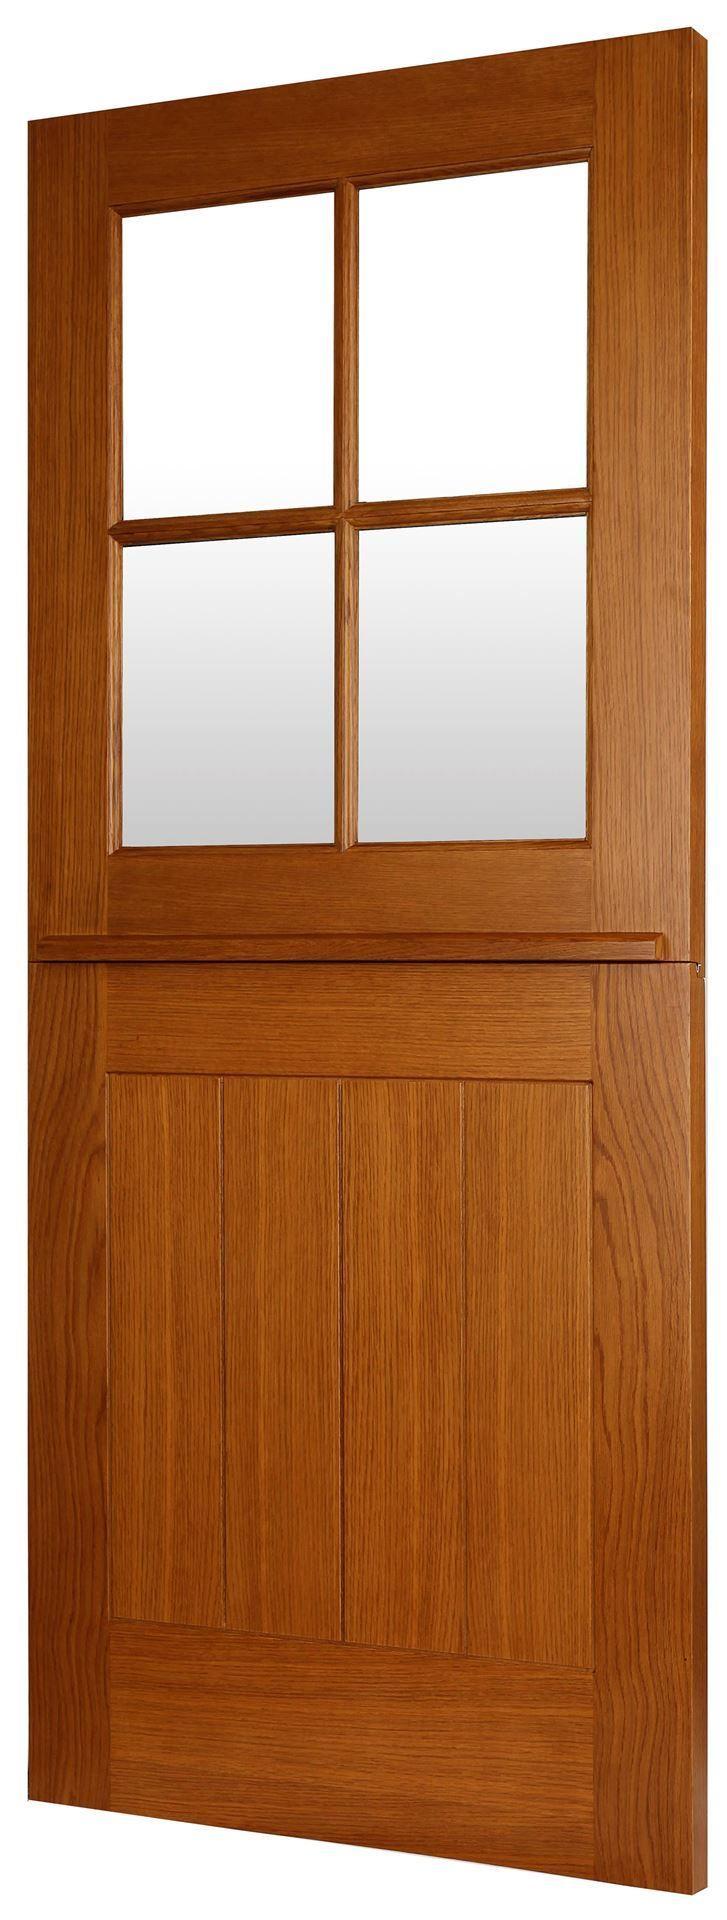 ASCOT door is a part of Todd Doors new traditional Oak front door range which has & 20 best NEW door designs images on Pinterest | Door design St ... Pezcame.Com